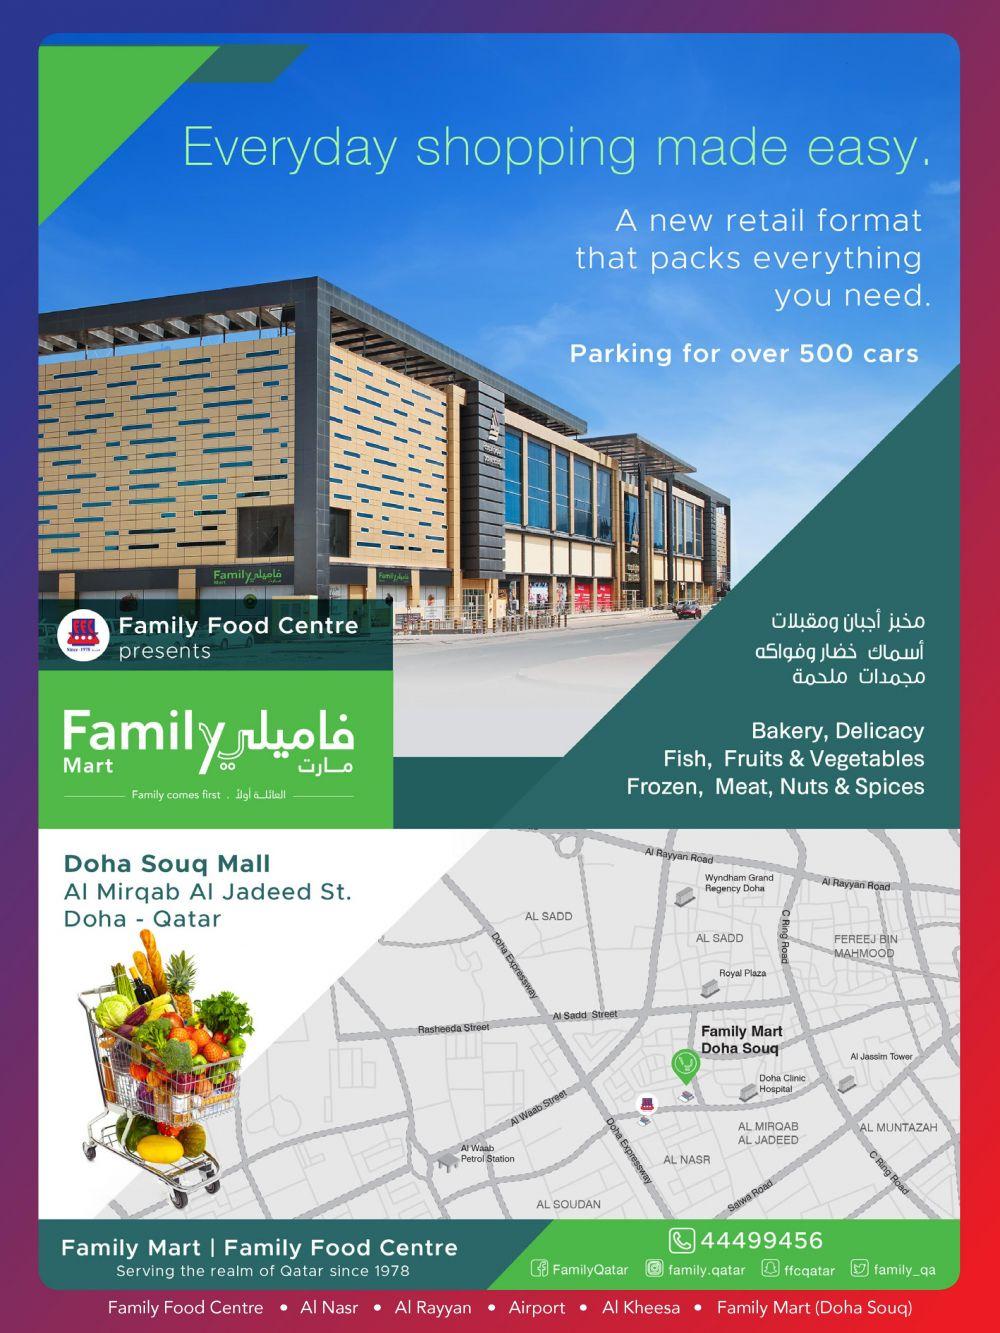 عروض  مركز التموين العائلى  قطر 2019